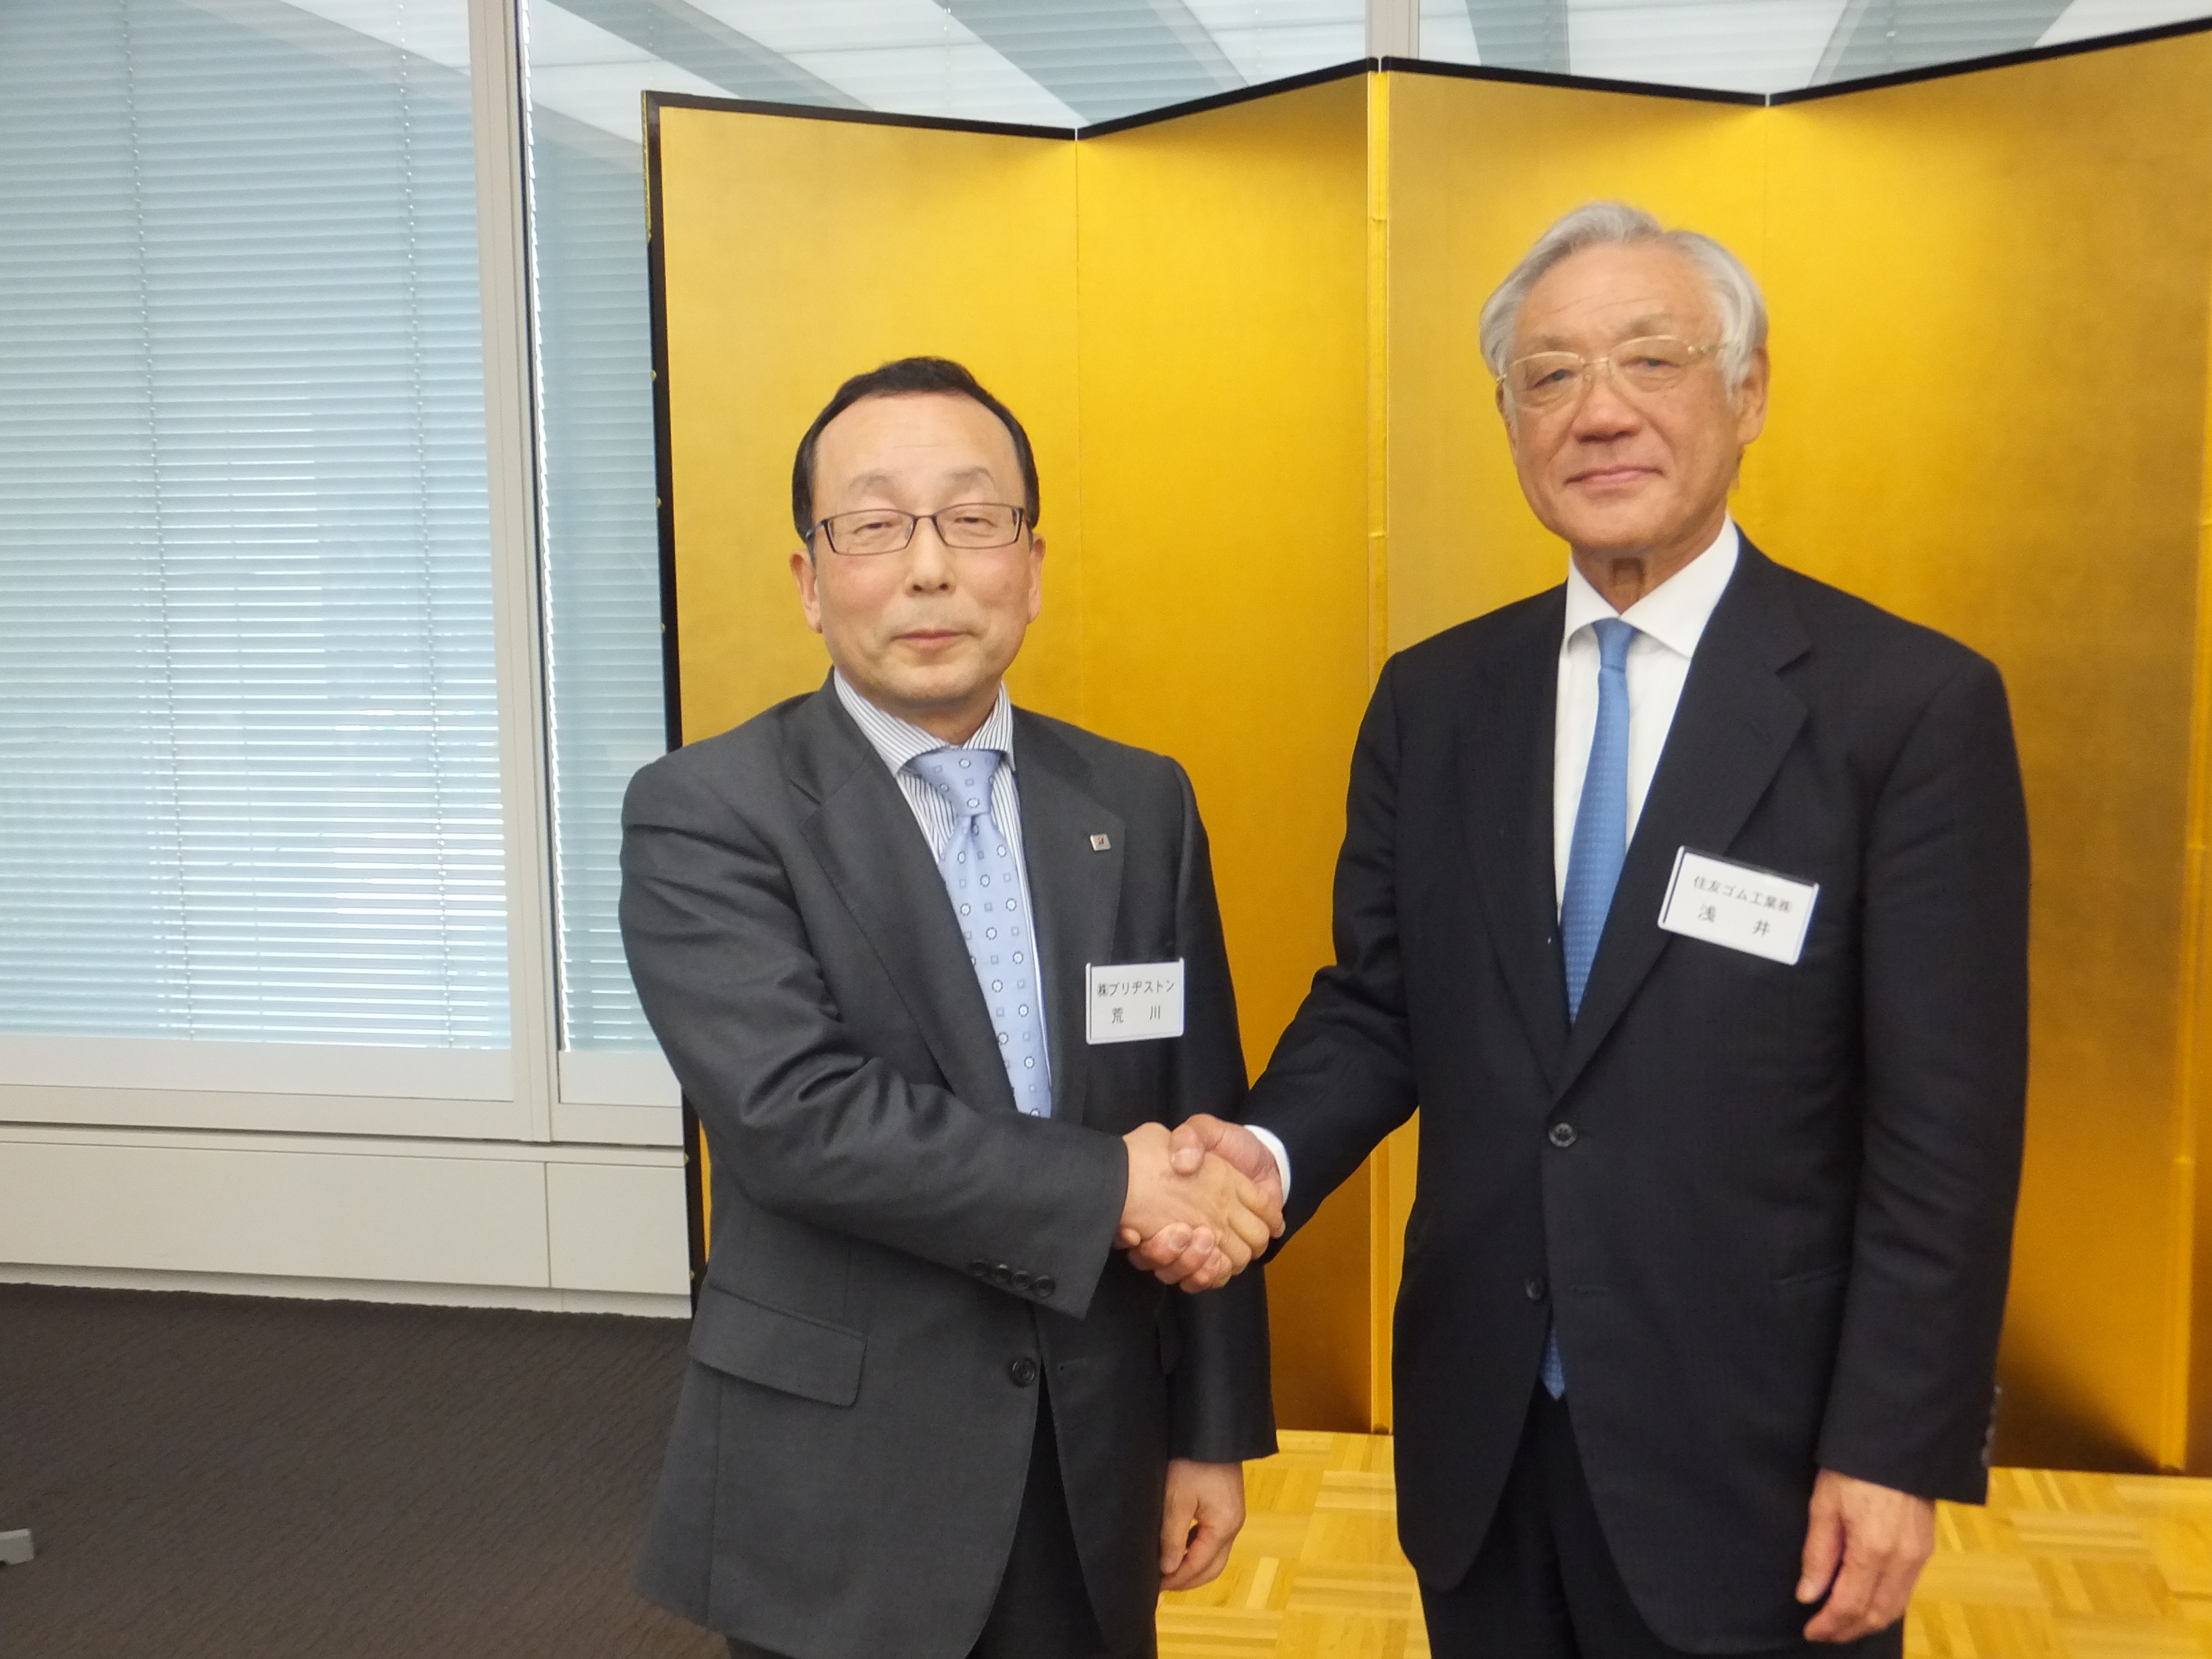 新会長の荒川氏〈左〉と前会長の浅井氏